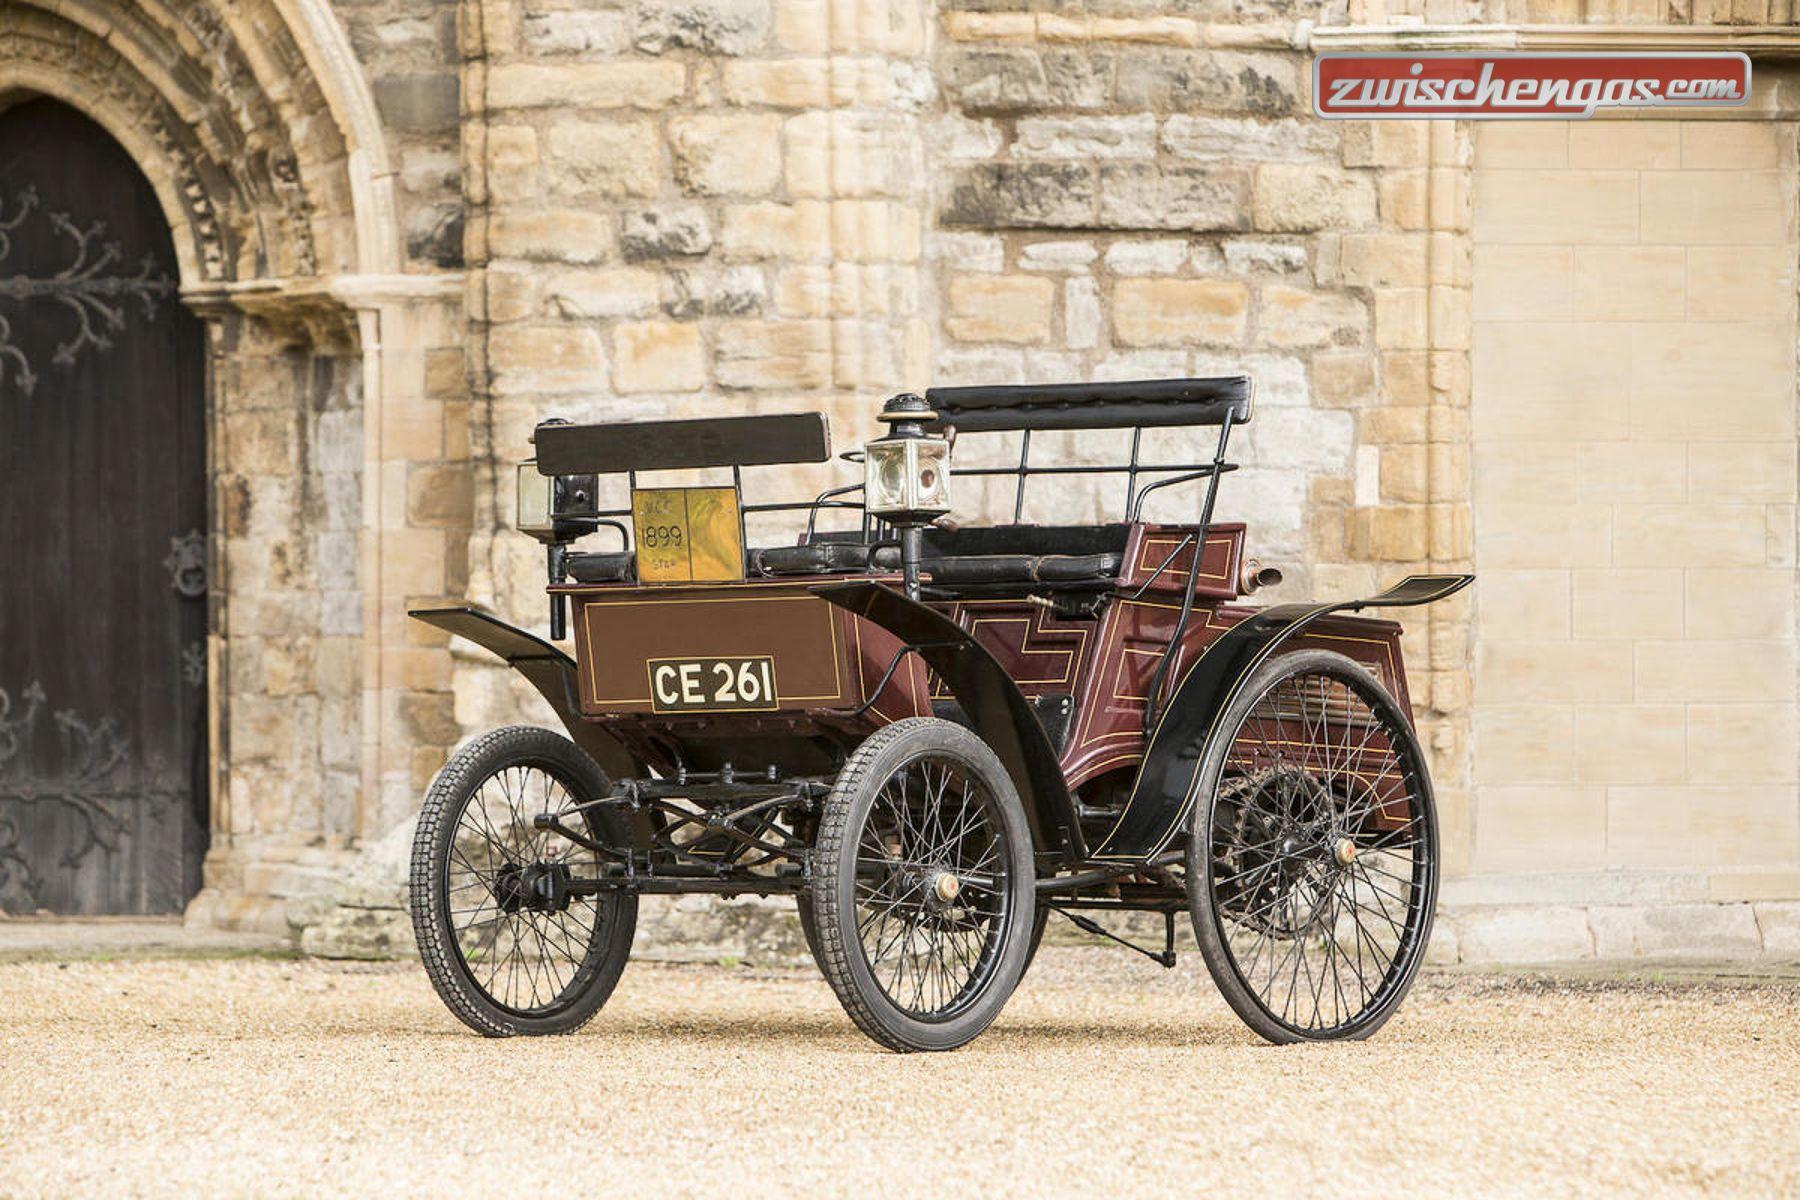 Der Star Benz 3 1/2 hp Vis-à-Vis von 1899 kam am Bonhams London to Brighton Run Sale 2015 unter den Hammer: http://www.zwischengas.com/de/FT/diverses/Wertvolle-Veteranen-bei-der-Bonhams-London-Brighton-Versteigerung-2015.html?gallery=on  Foto © Bonhams